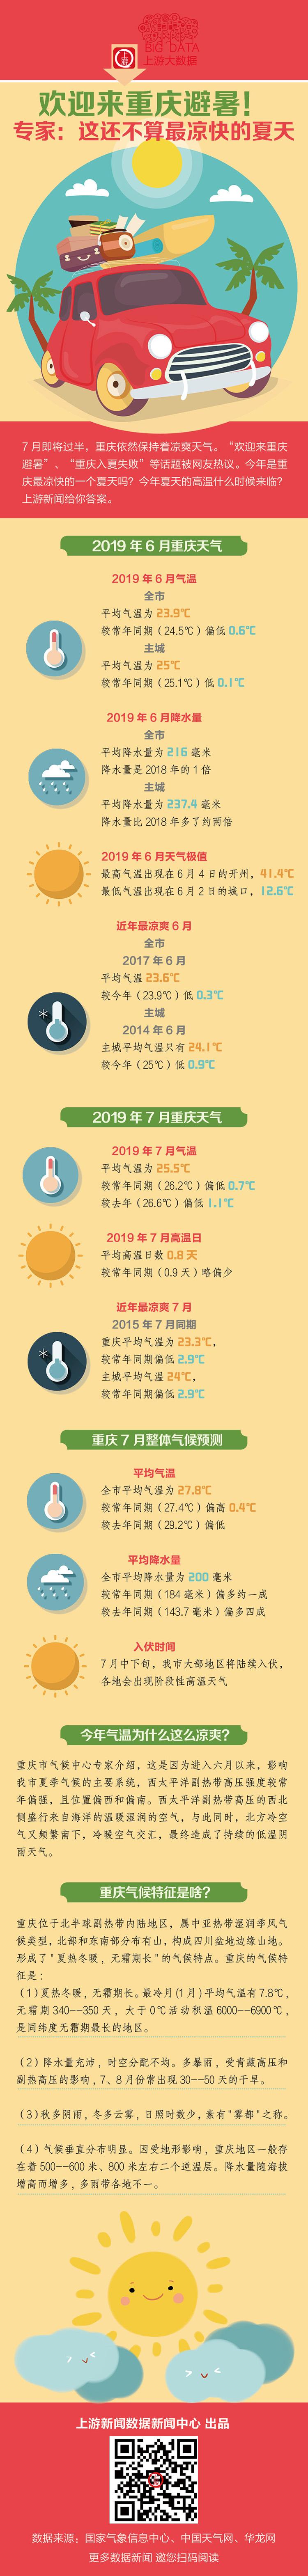 重庆避暑.jpg